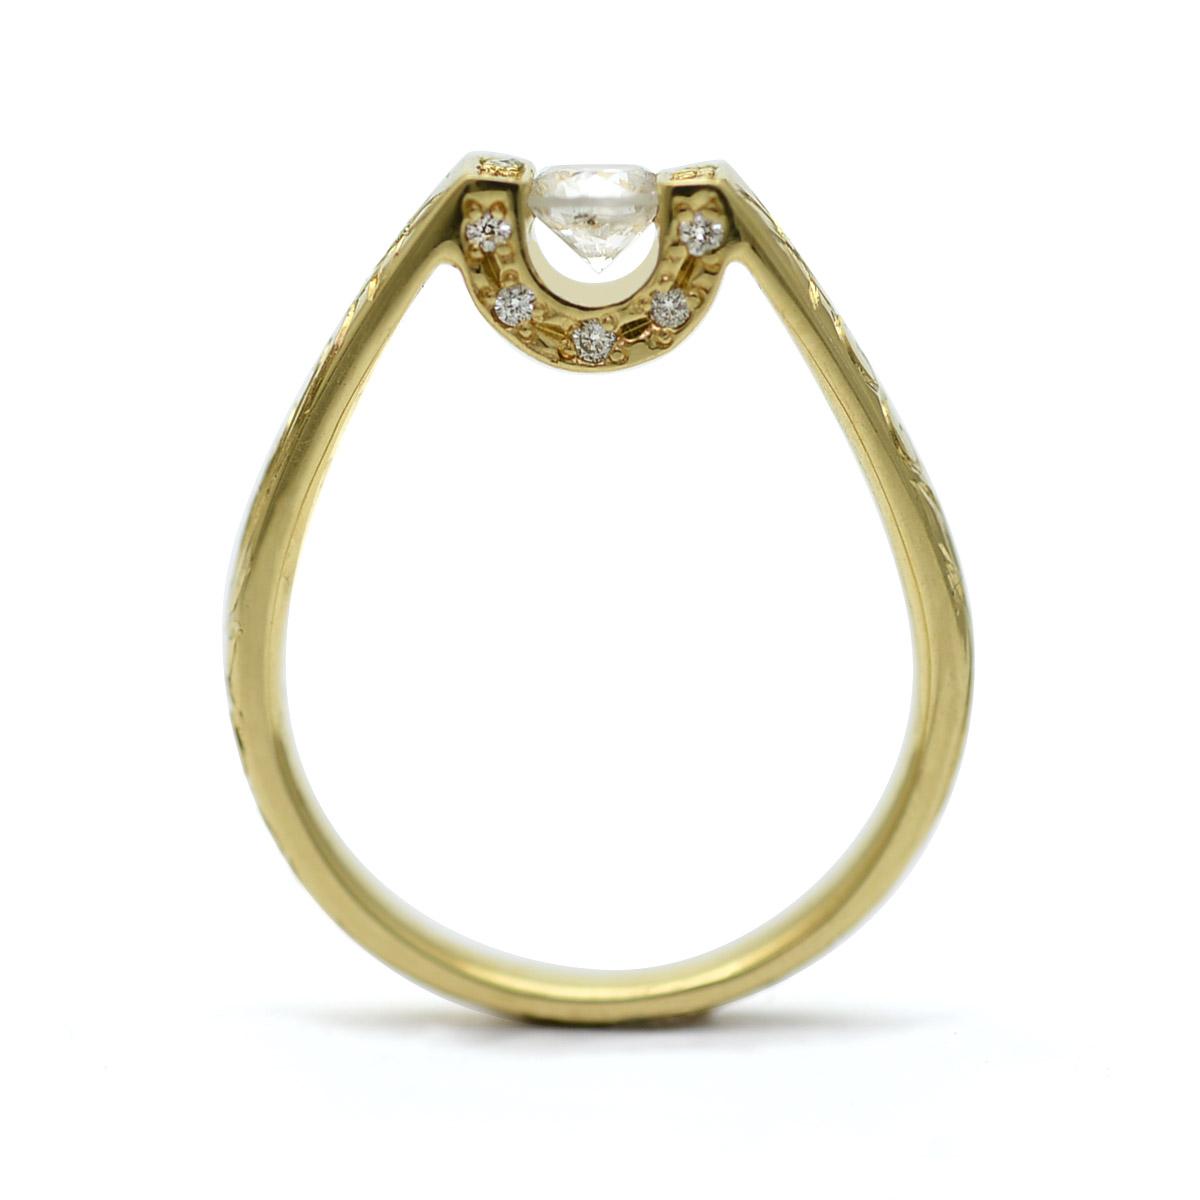 ハワイアンジュエリーレディース 女性(Weliana) K18 リング 18金 リング スクロール ダイヤモンド リング イエローゴールド